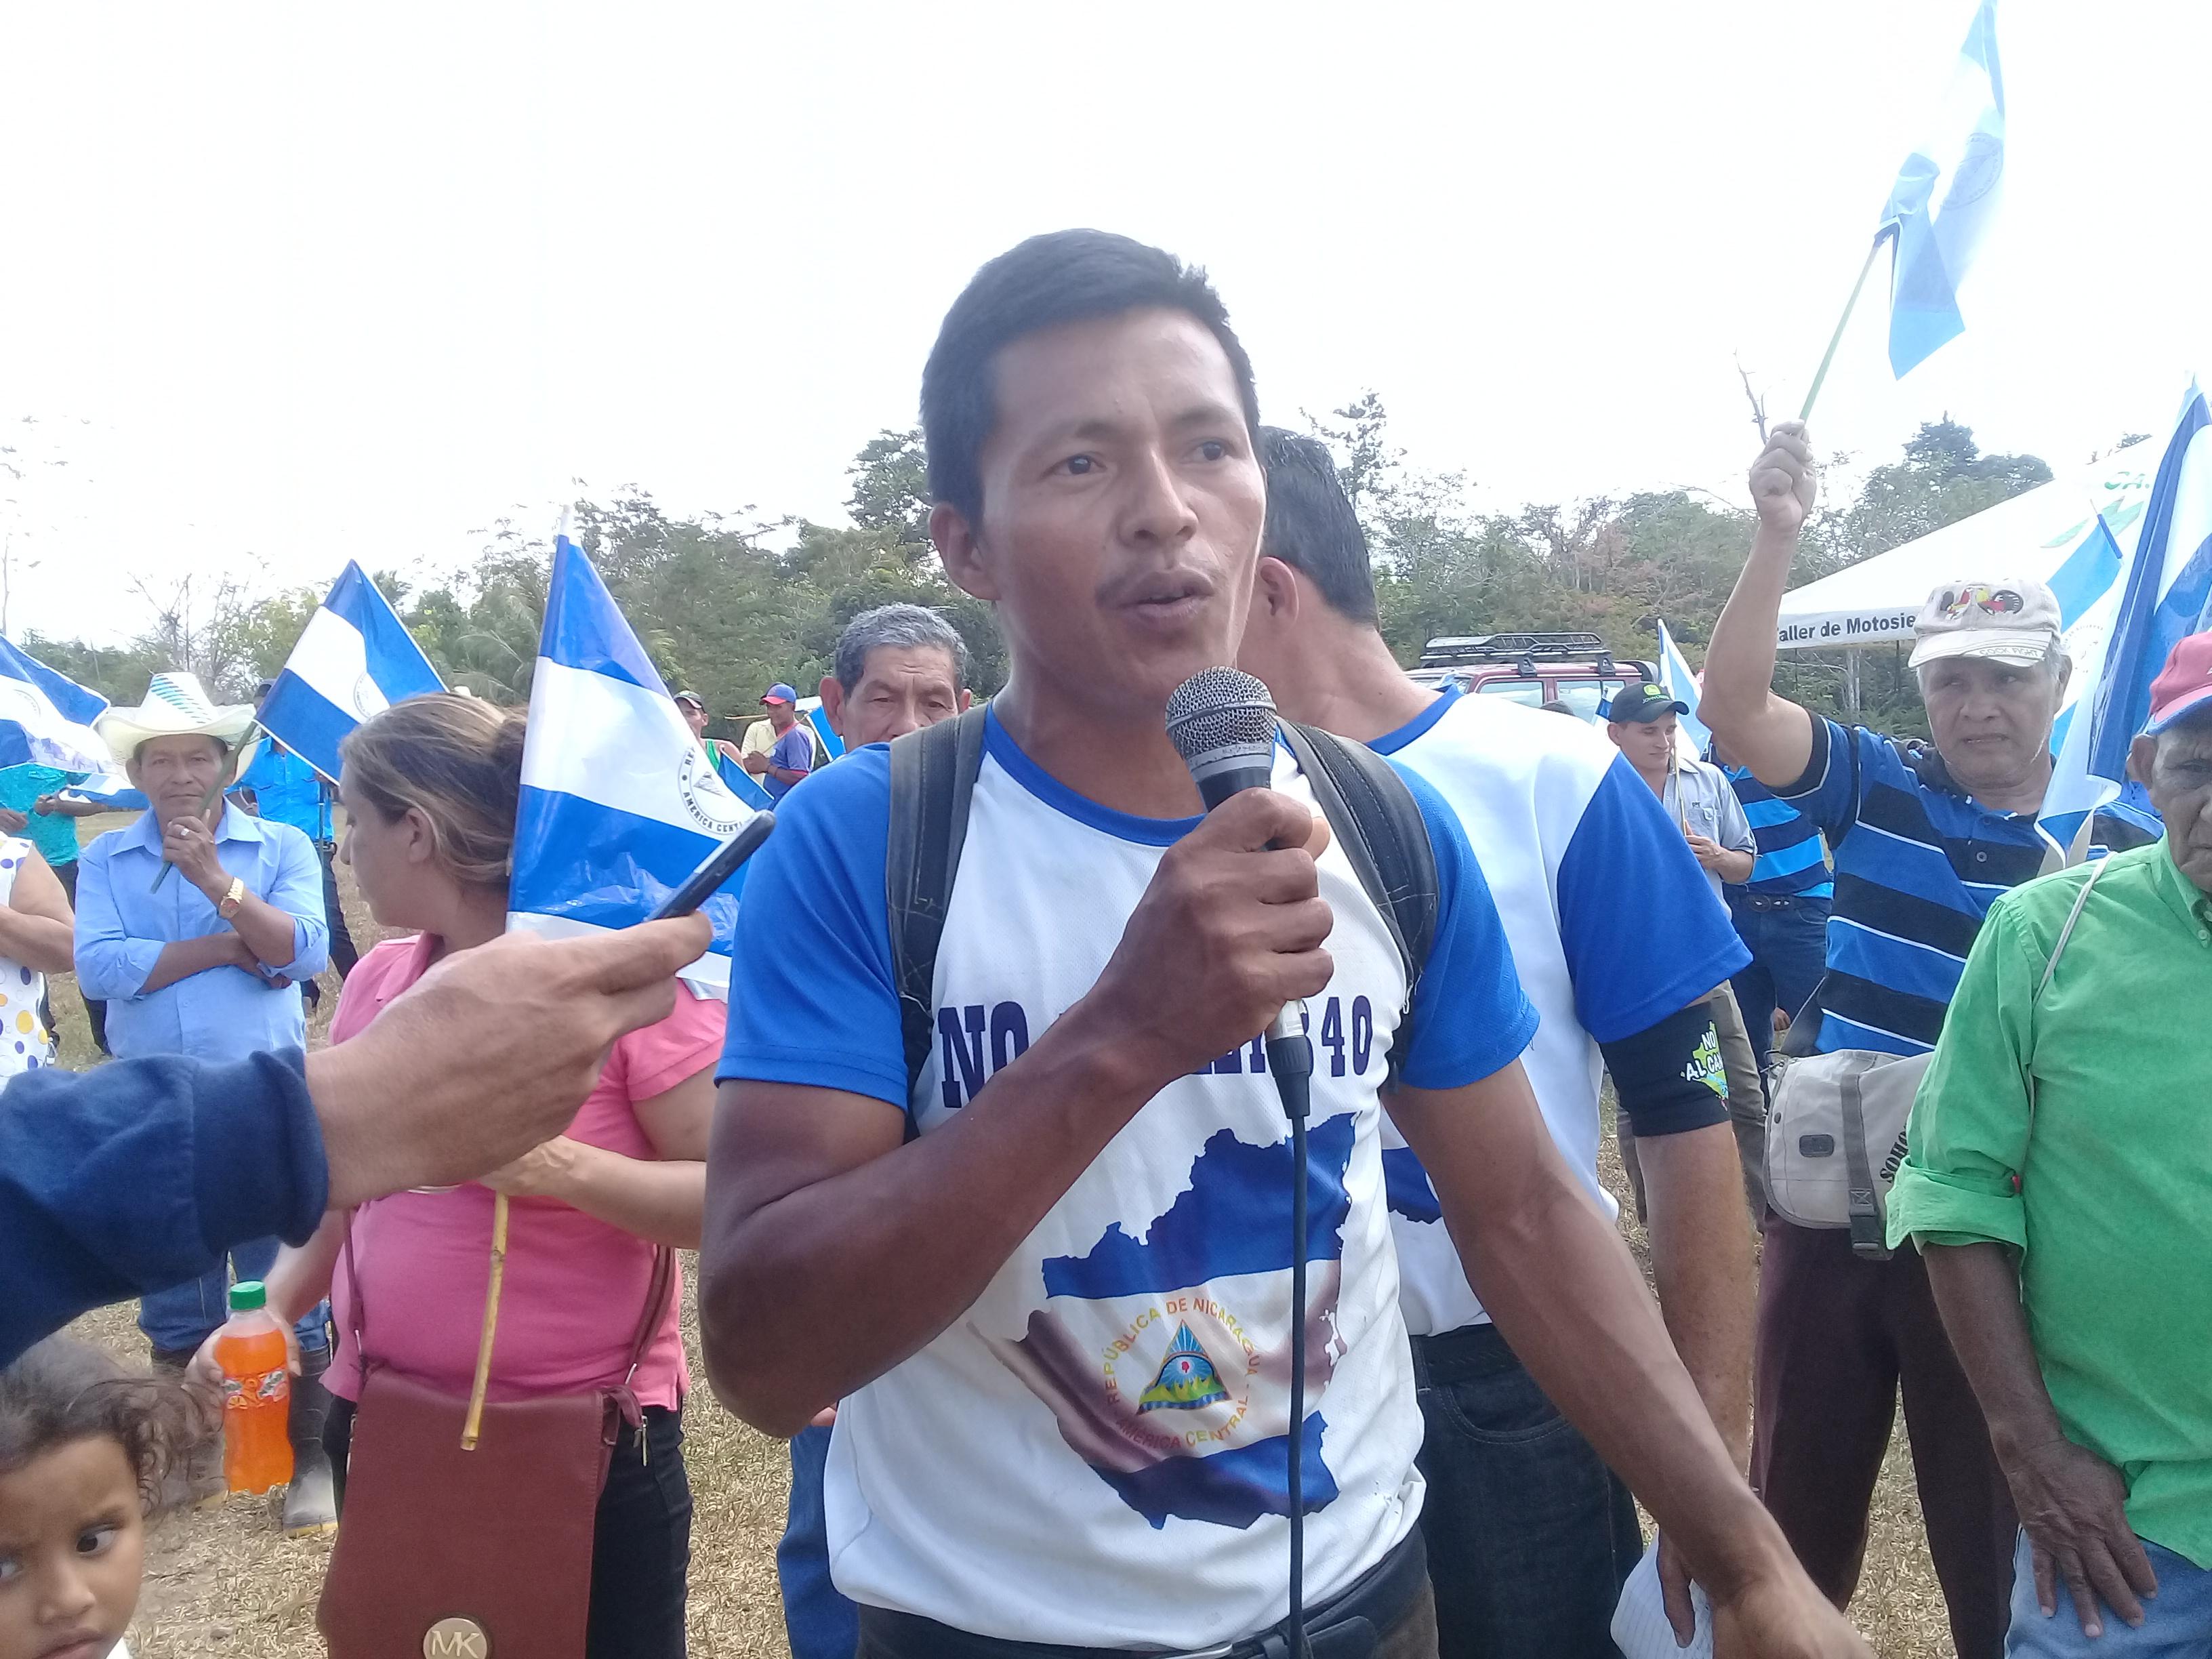 Víctor Díaz, líder del movimiento campesino en el territorio de El Fajardo. Fotografía: Abixael MG/Artículo66